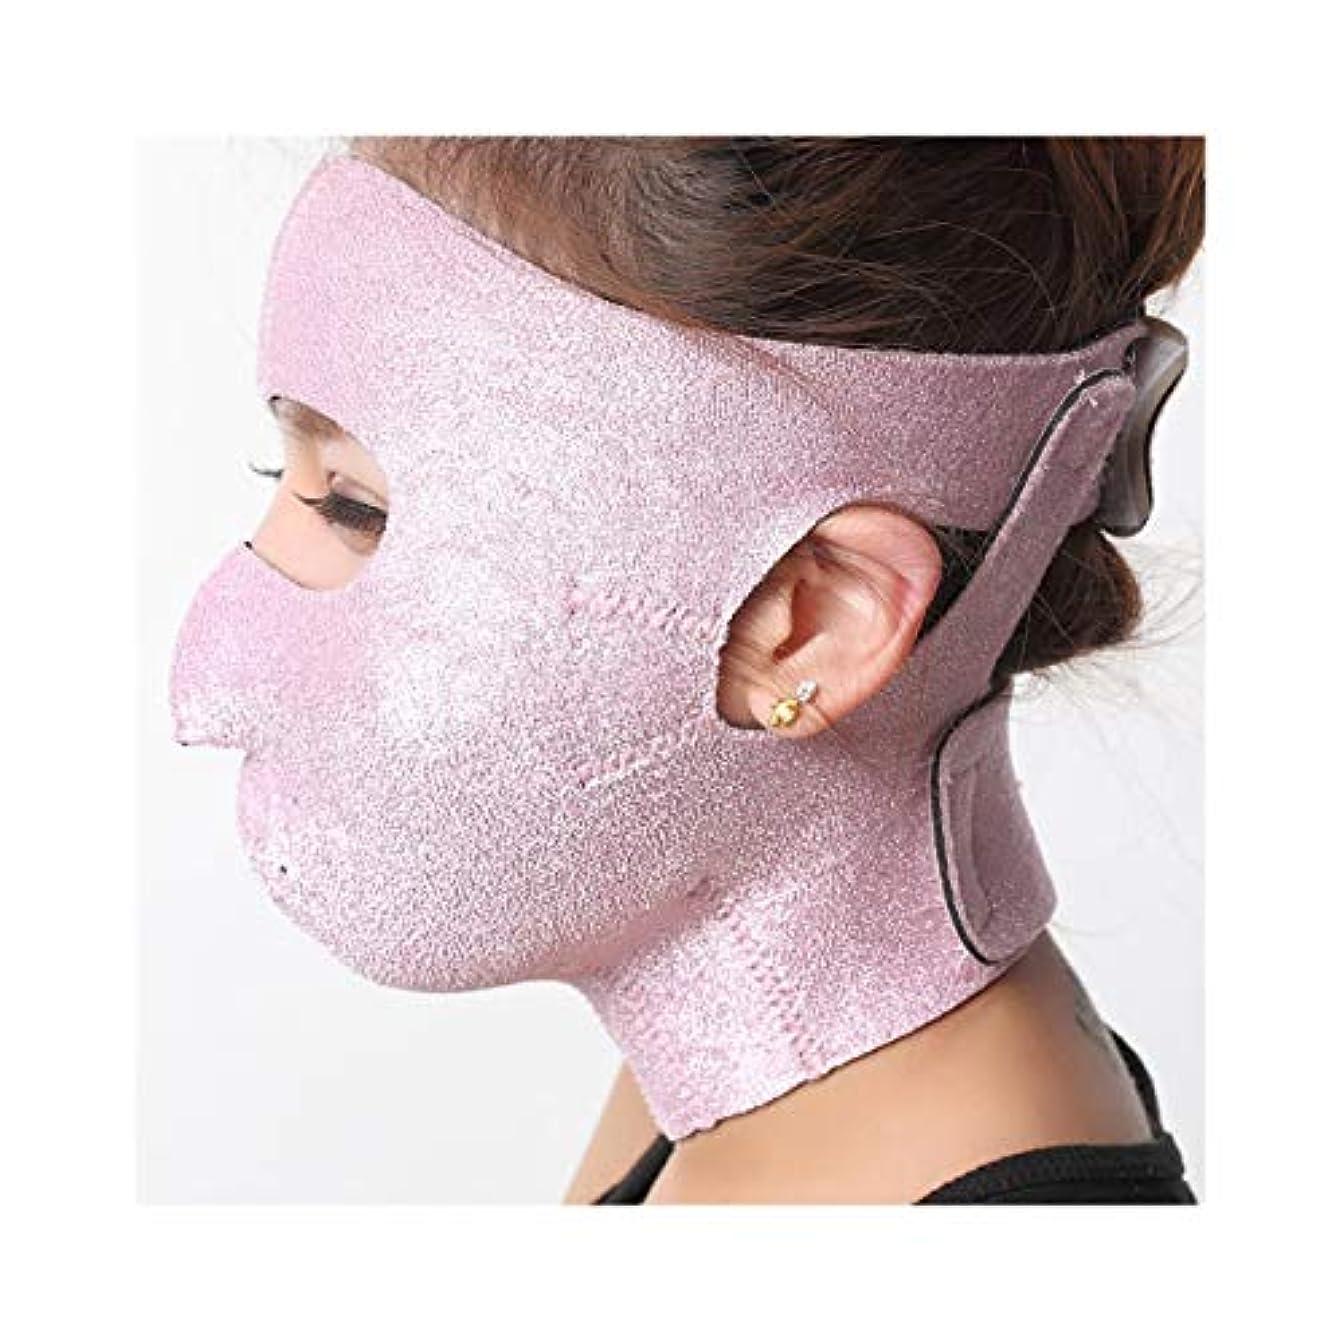 変化可愛いXHLMRMJ 引き締めフェイスマスク、小さなVフェイスアーティファクト睡眠薄いフェイス包帯マスクリフティングマスク引き締めクリームフェイスリフトフェイスメロンフェイス楽器